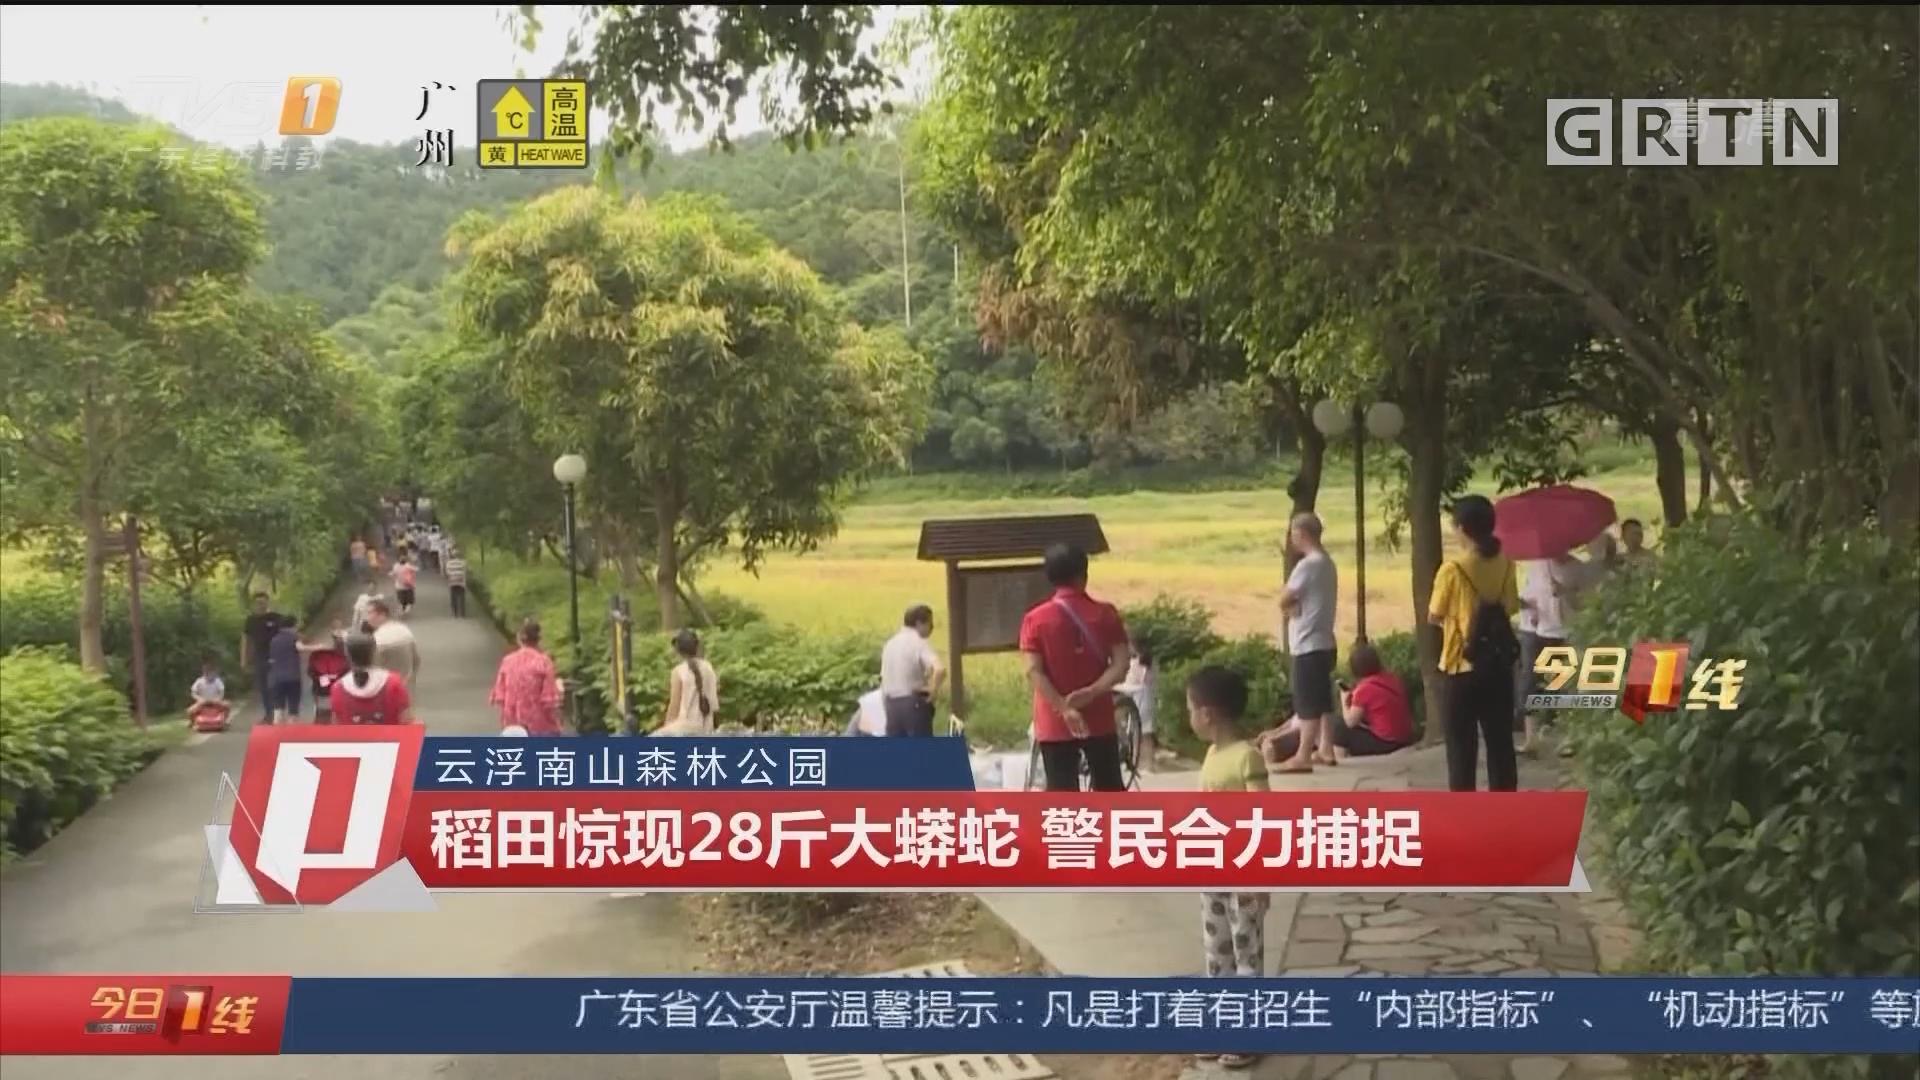 云浮南山森林公园:稻田惊现28斤大蟒蛇 警民合力捕捉